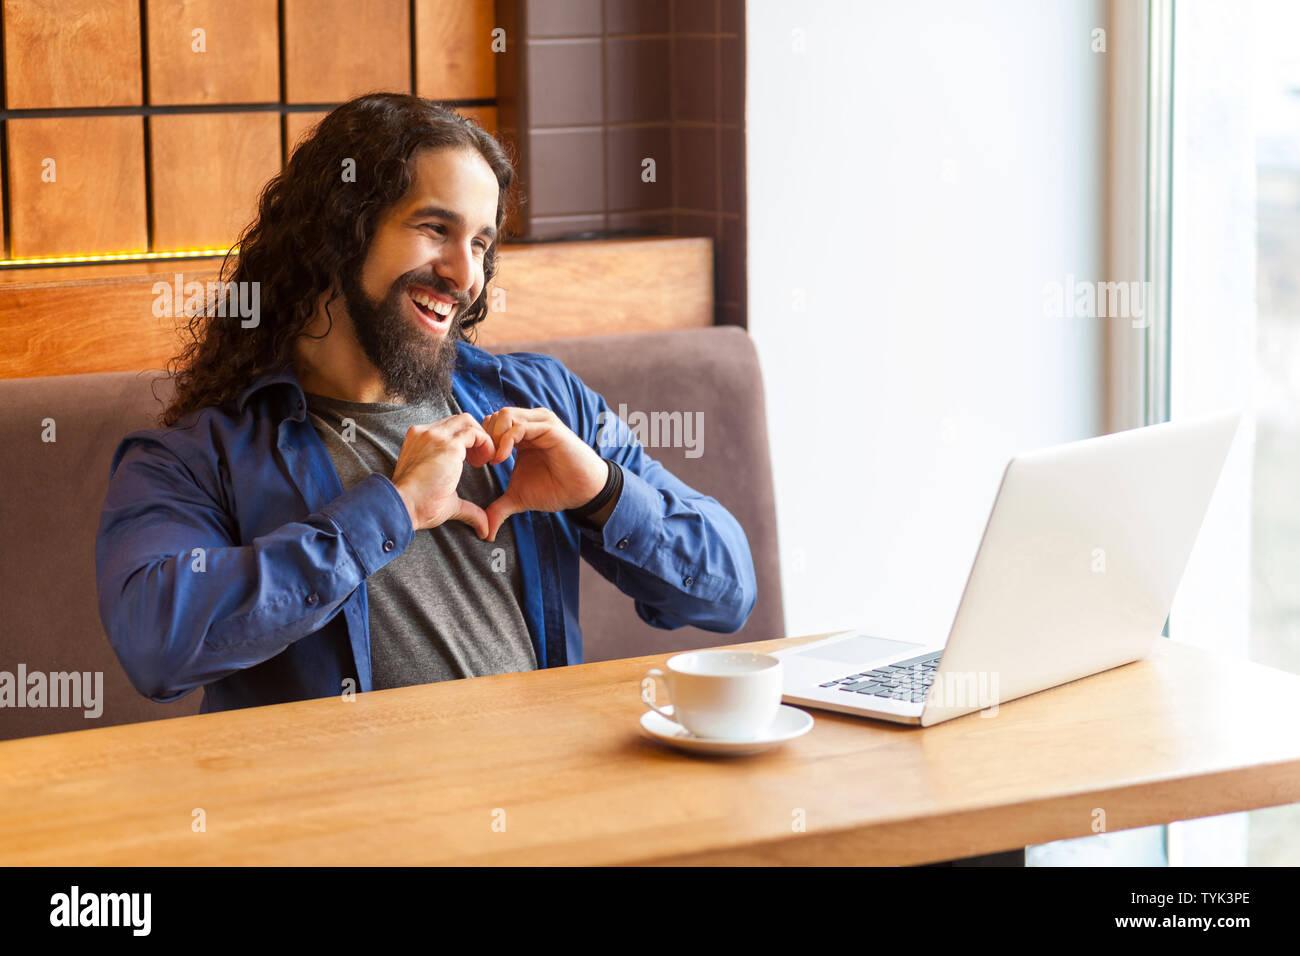 Liebe Dich! Portrait von Romantik hübscher junger erwachsener Mann Freiberufler in lässigen Stil sitzt im Cafe und im Gespräch mit seinem Freund in Laptop, Anzeigen hören Stockbild